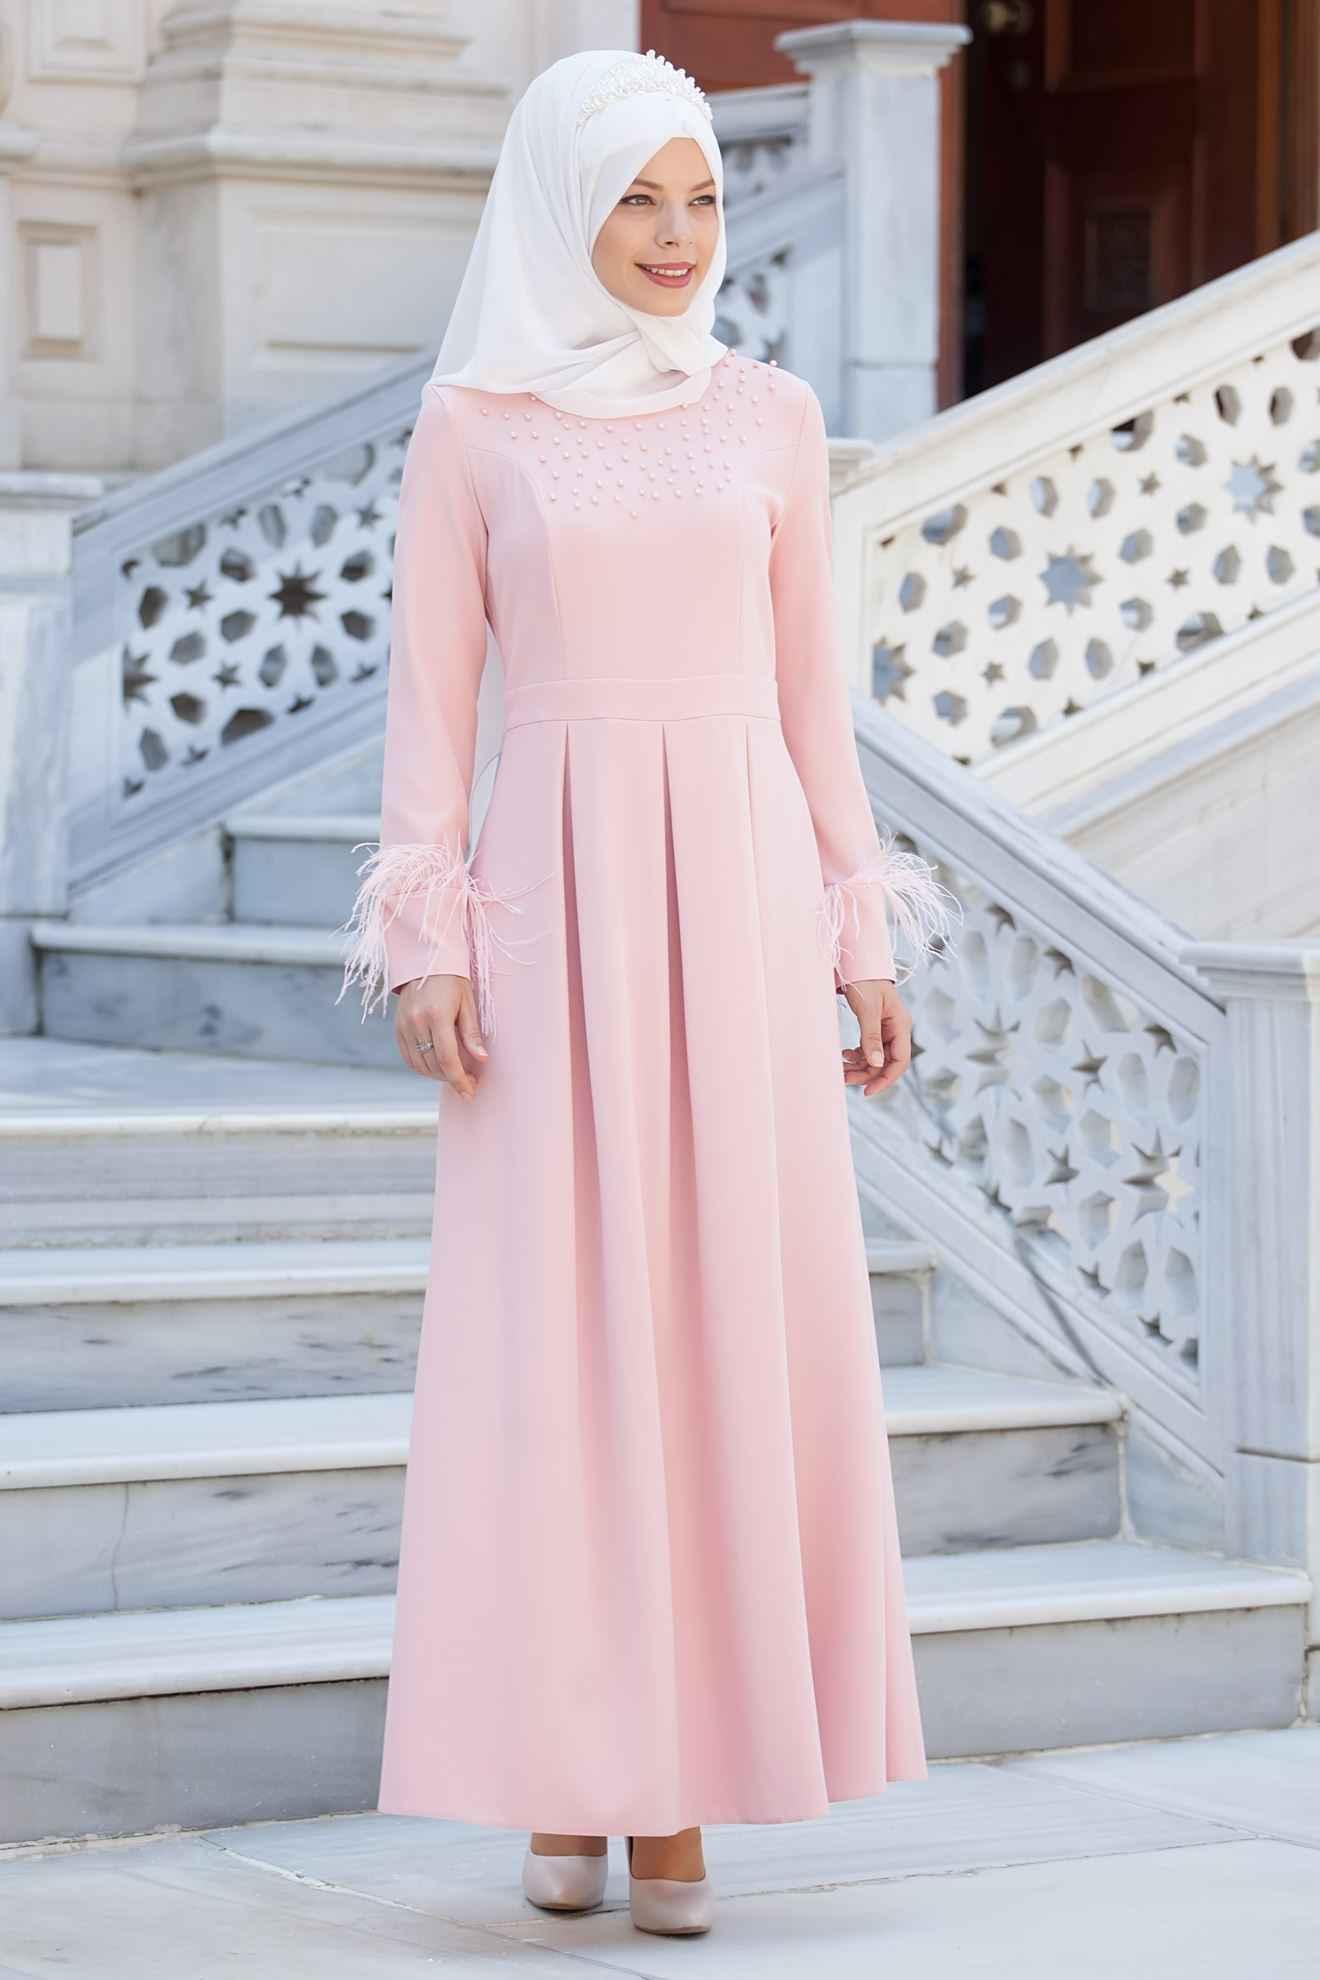 Sedanur Tesettür Kolları Tül Elbise Modelleri